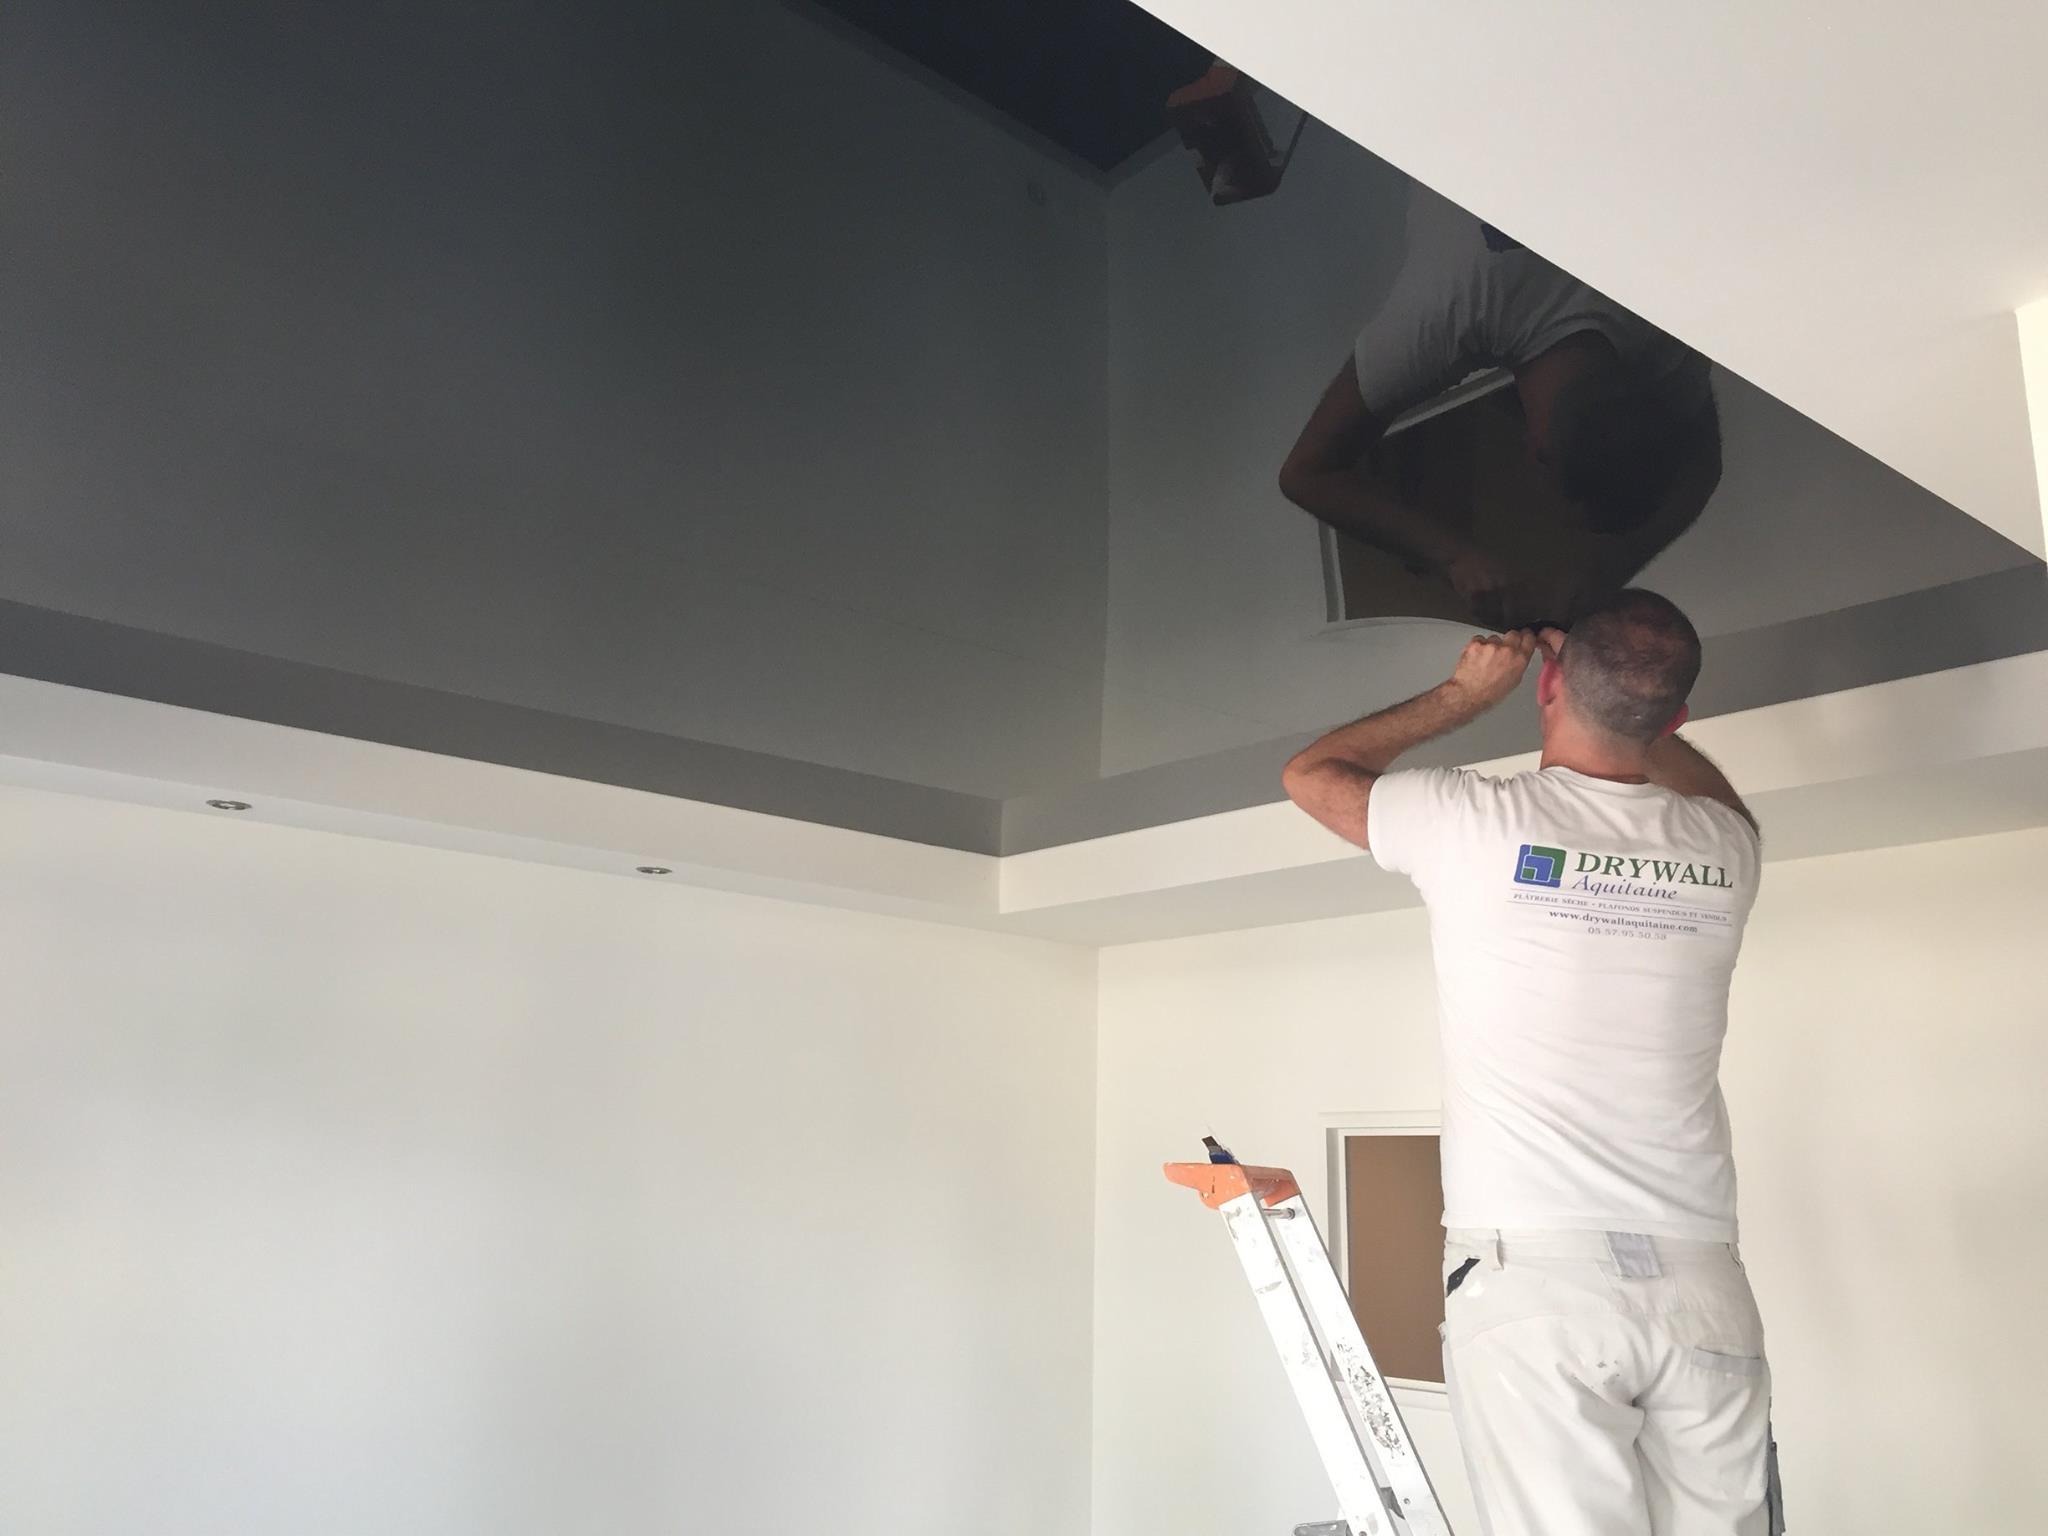 Métiers plafonds tendus Drywall Aquitaine